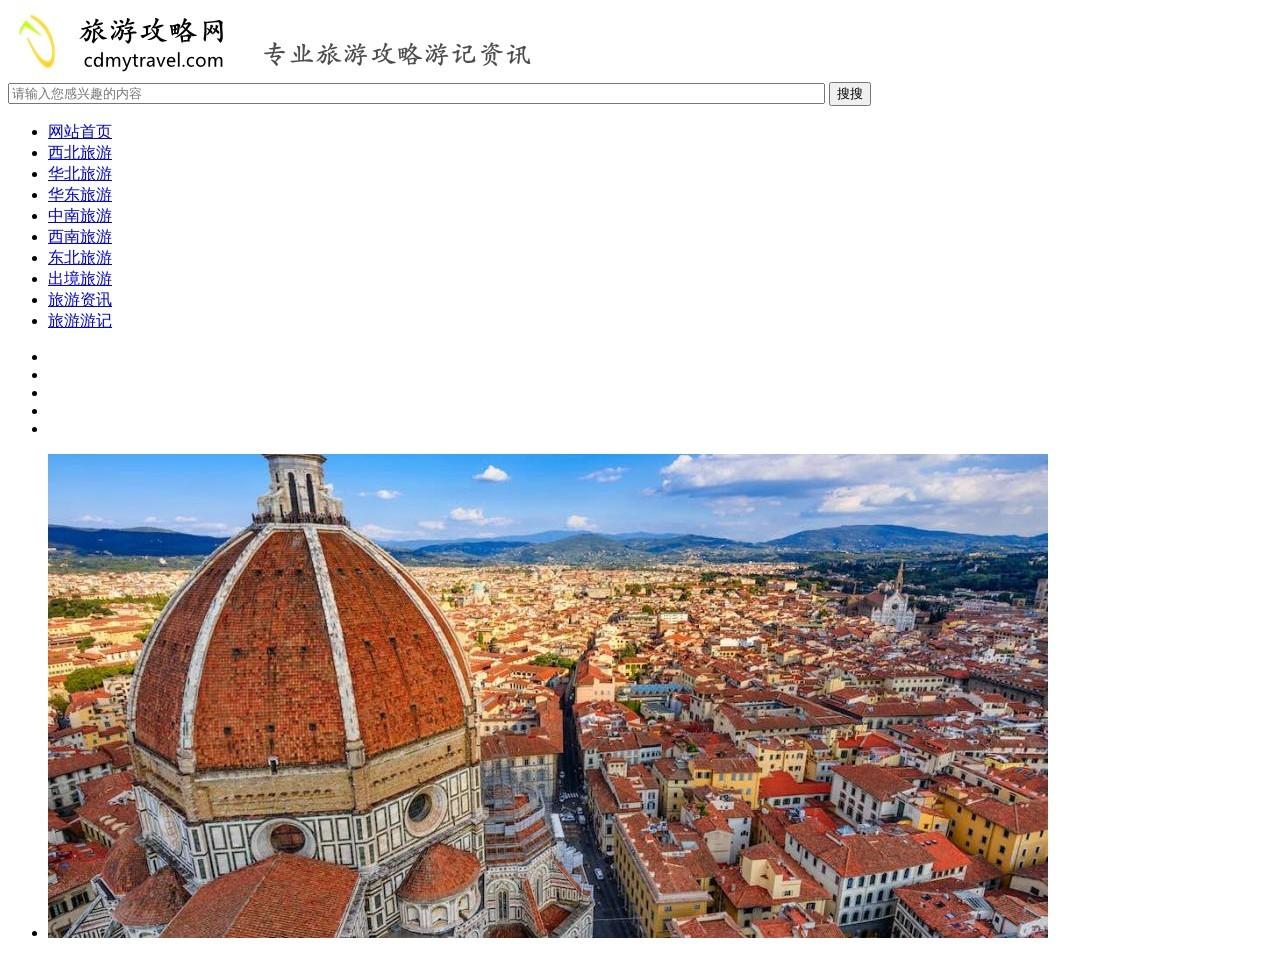 旅游攻略_旅游游记_旅游资讯_旅游新闻_旅行攻略_旅游信息_旅游攻略网